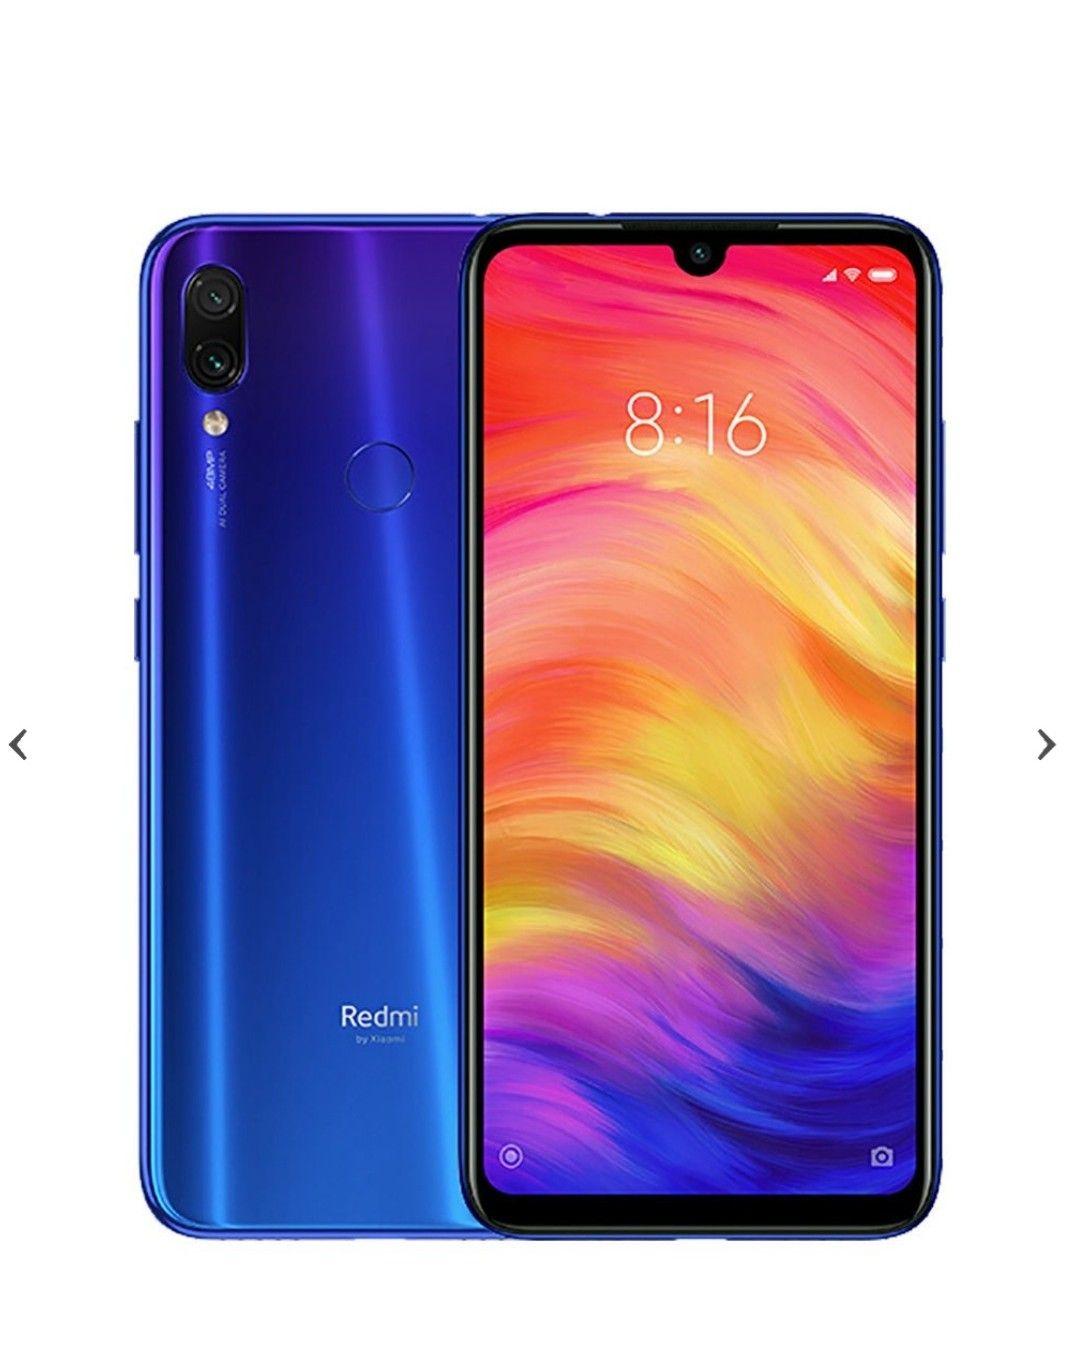 Xiaomi Redmi Note 7 4/64 niebieski Proline polska dystrybucja 24 mc gwarancji